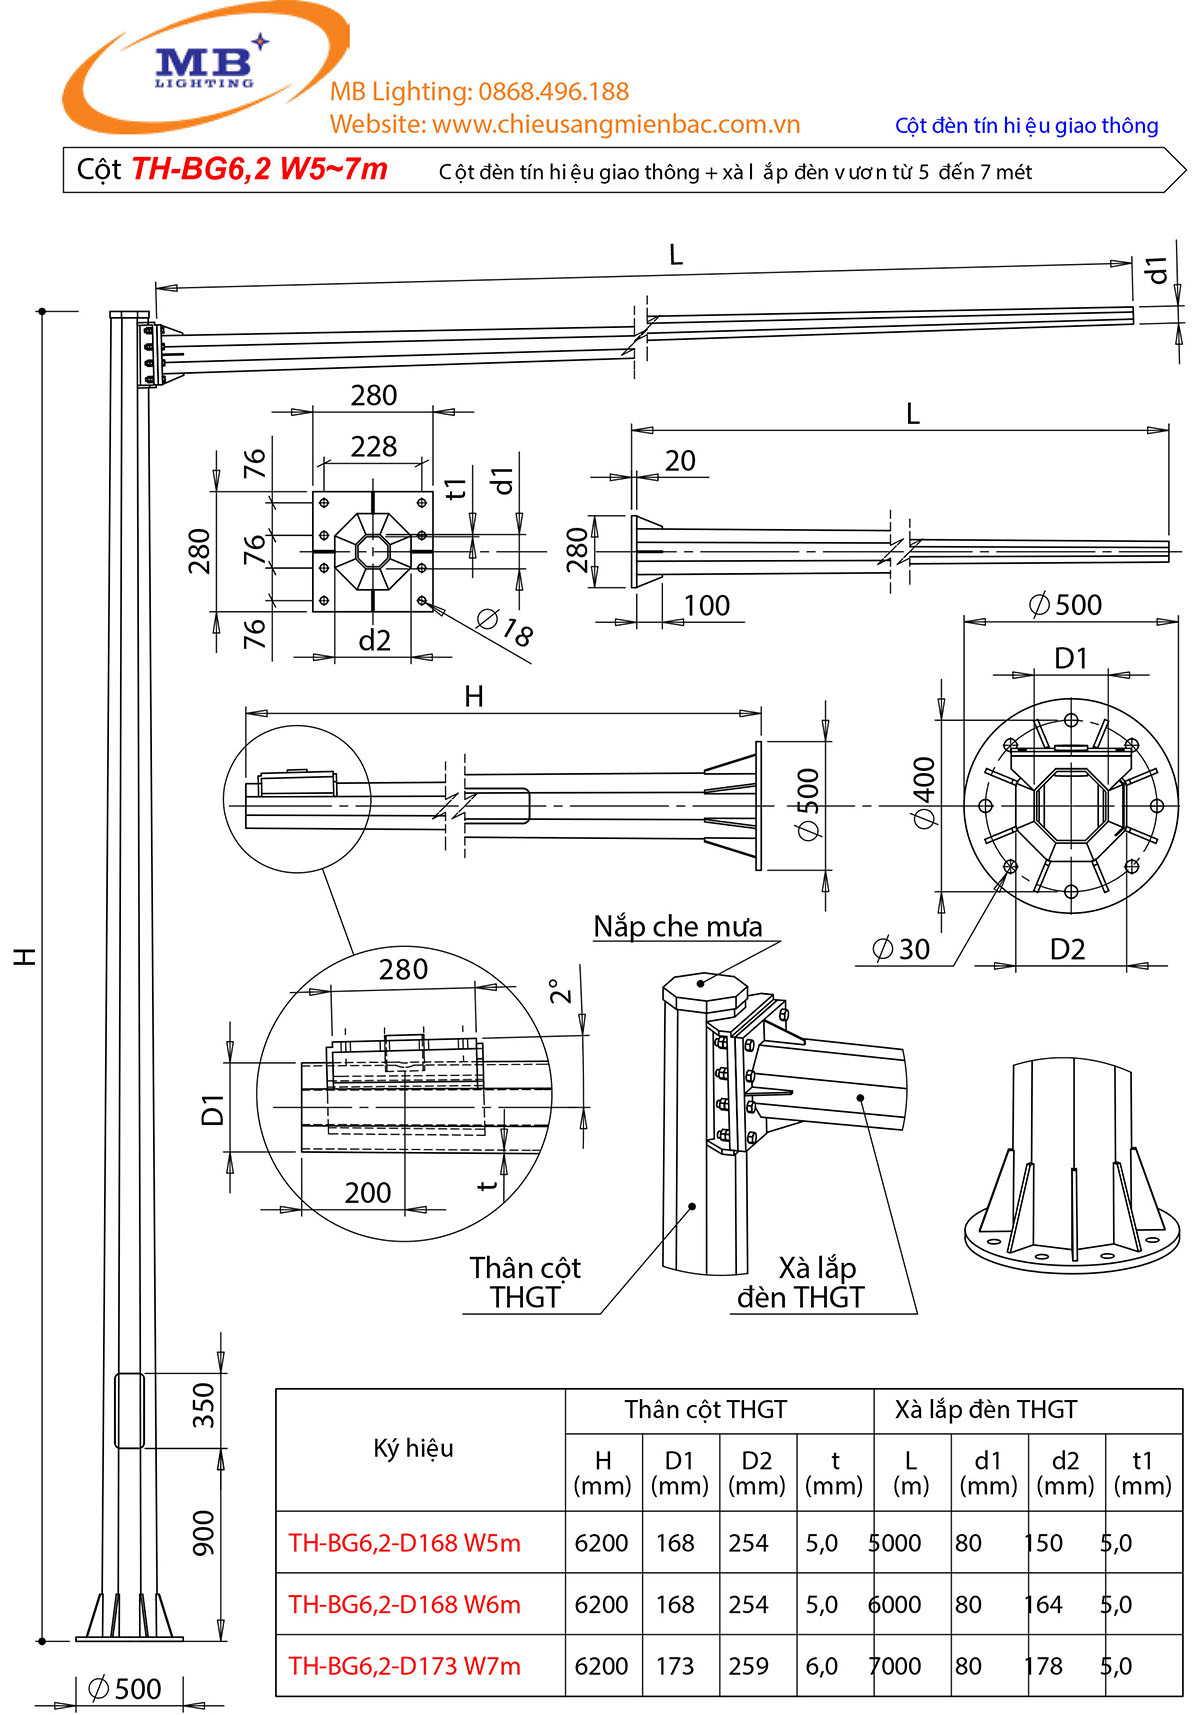 Bản vẽ thiết kế cột đèn tín hiệu giao thông mẫu 2